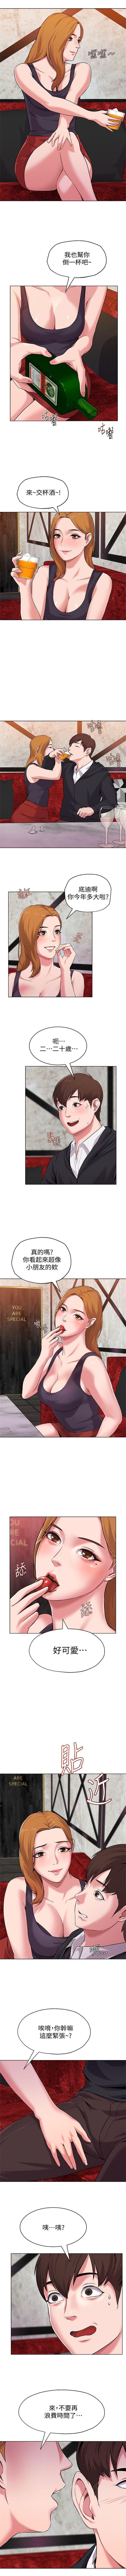 (周3)老师 1-56 中文翻译(更新中) 42